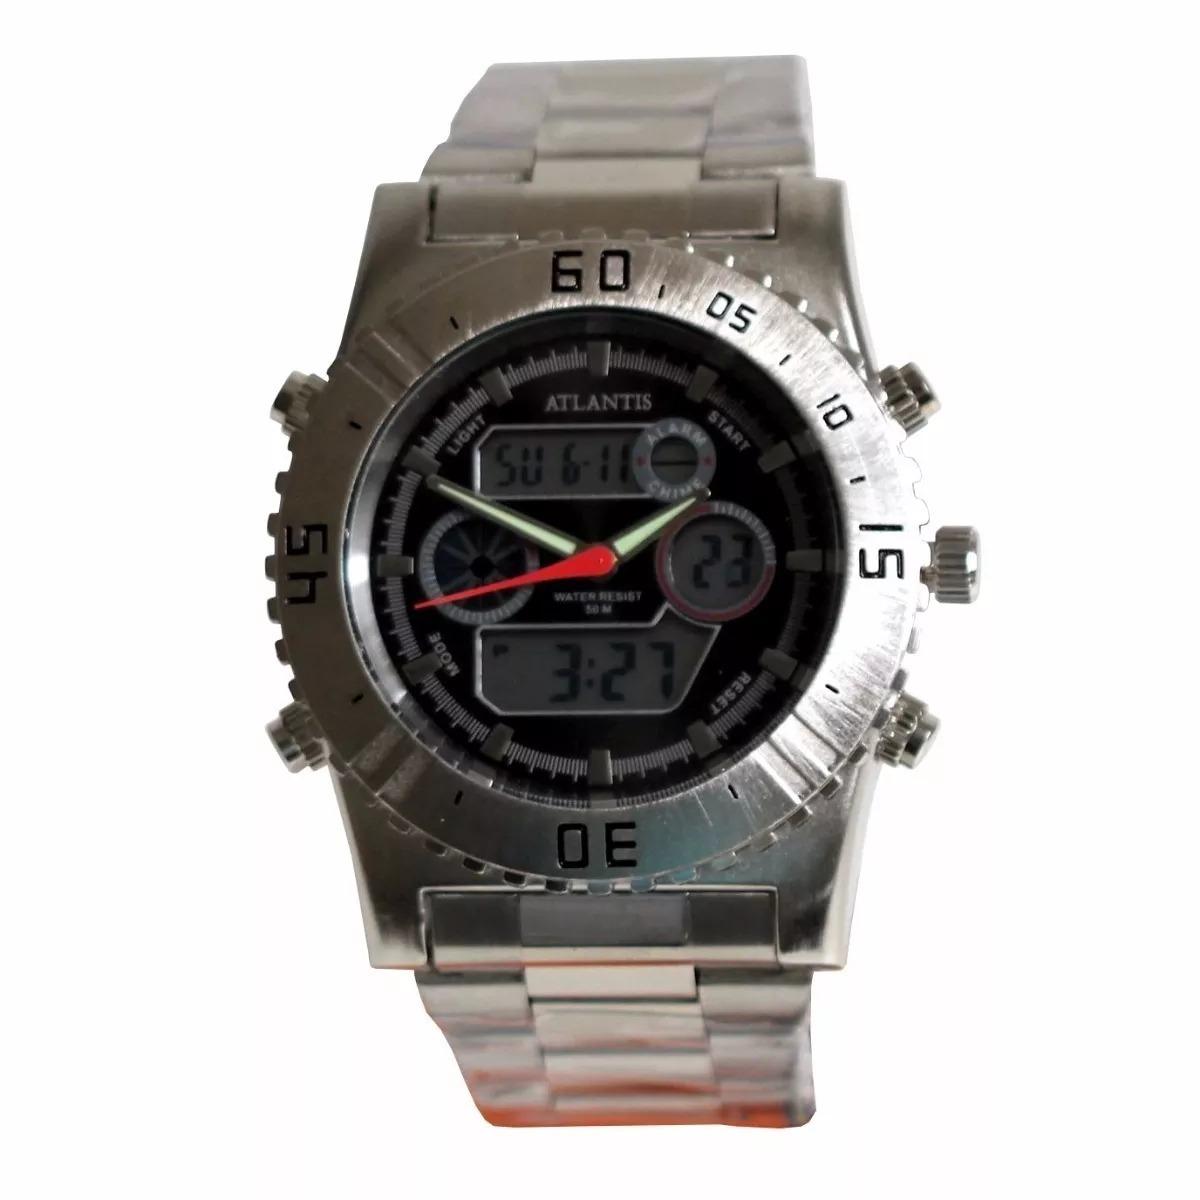 add04f9bccc Relógio Atlantis G3211 Prata Fundo Preto Masculino - R  69